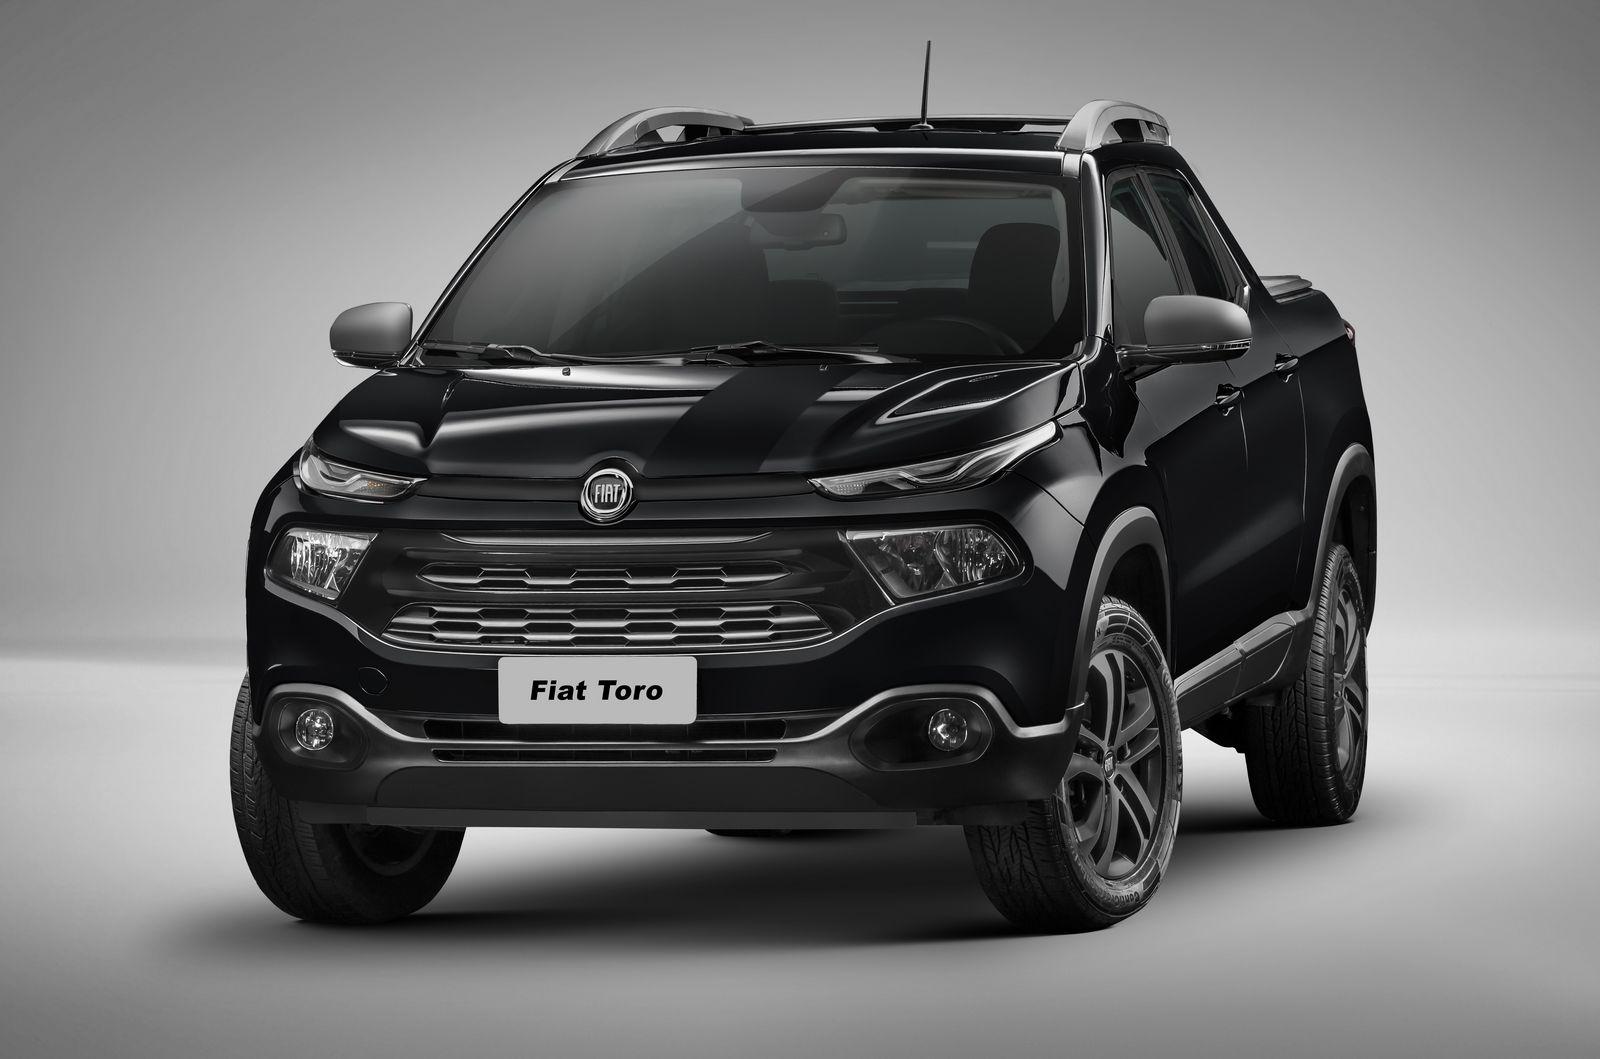 2016 - [Fiat] Toro - Page 7 Fiat%2BToro%2B6